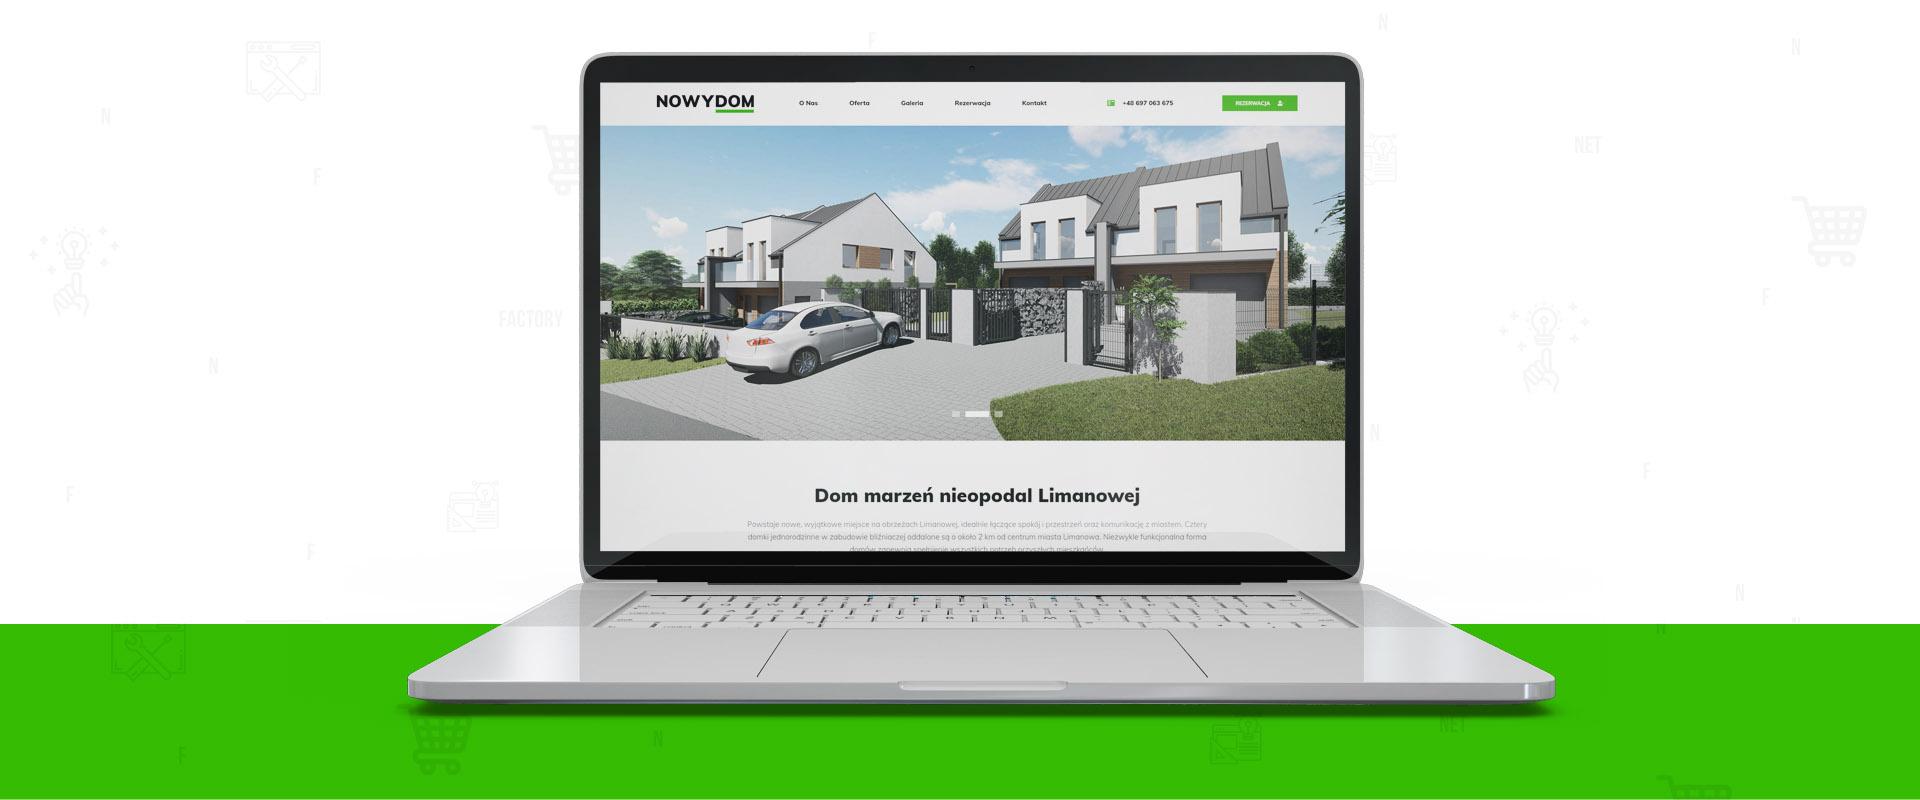 NowyDom.net – Twój dom marzeń z nową stroną internetową